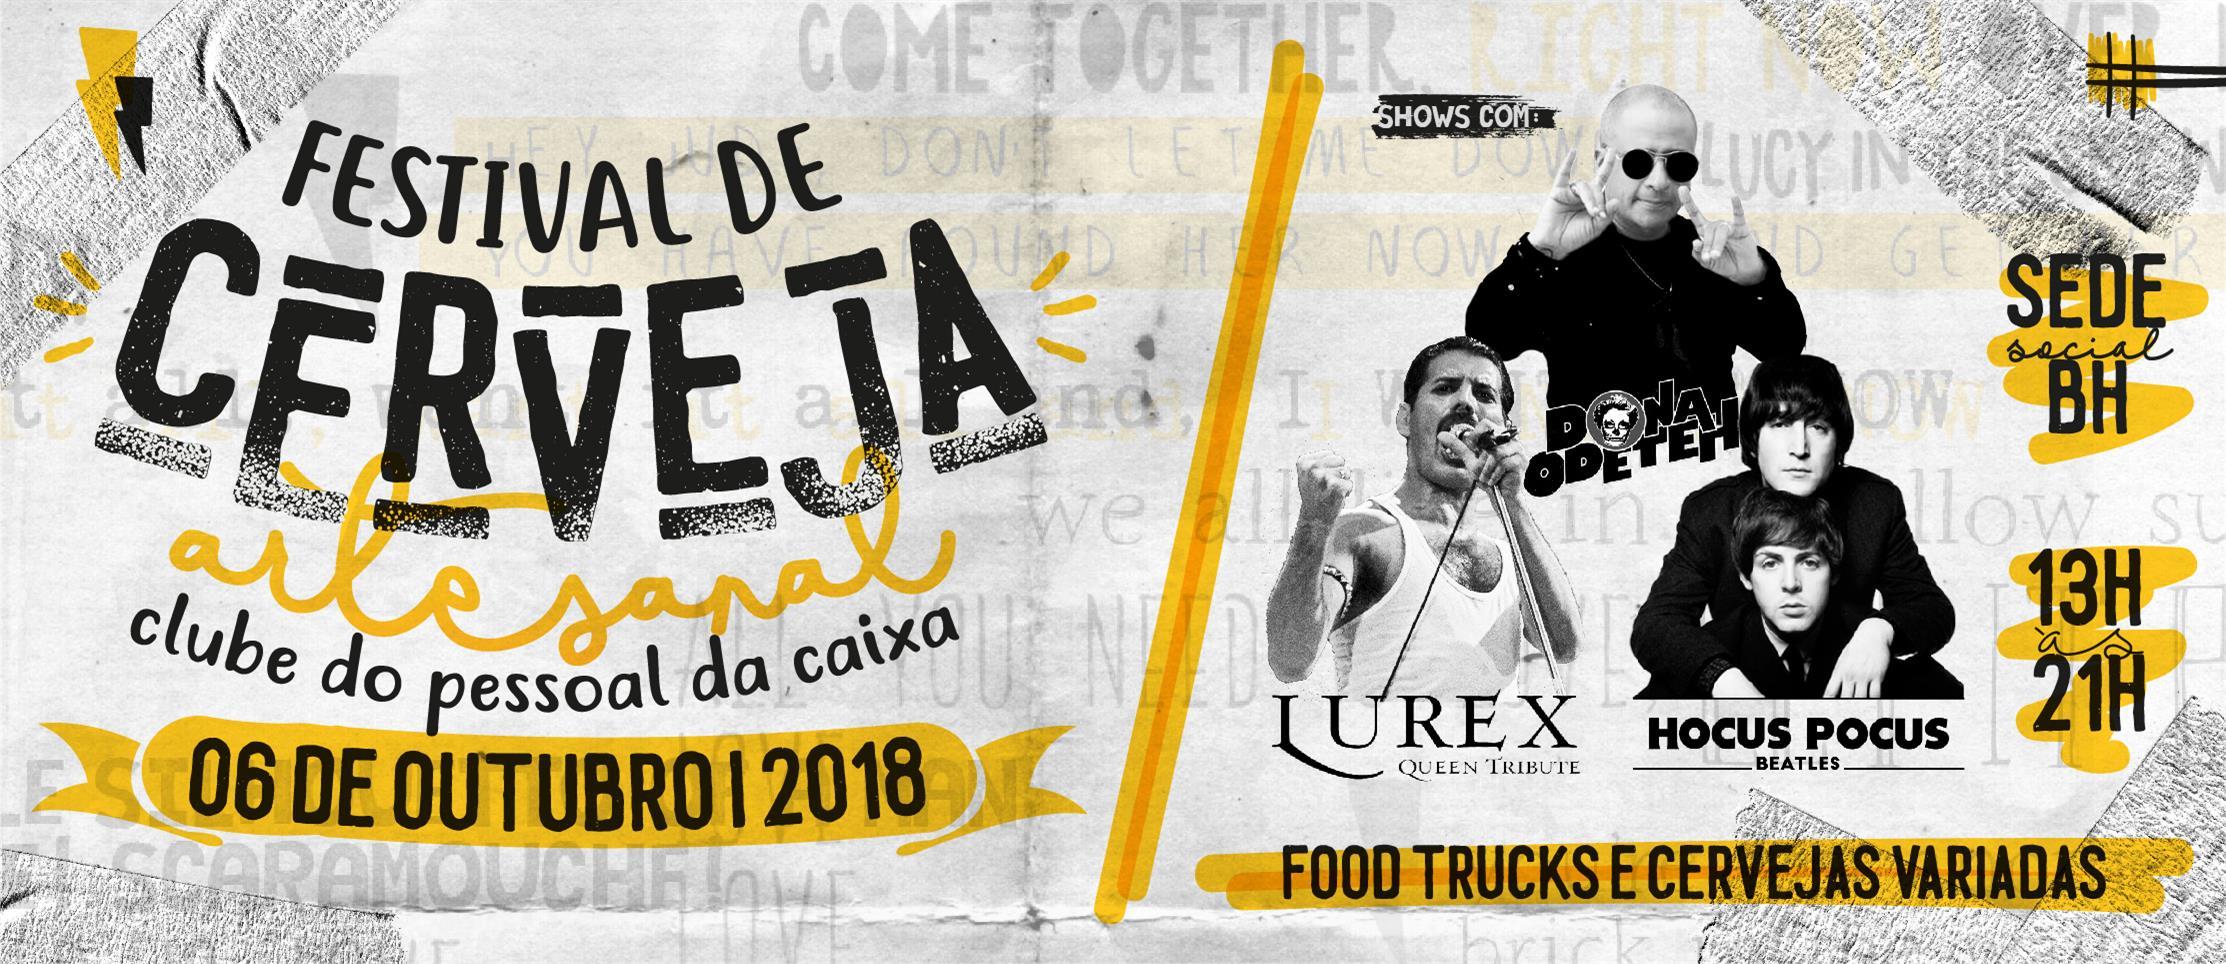 204a3a46d3 Estão abertas as vendas para o 1° Festival de Cerveja Artesanal da  APCEF MG! O evento será realizado no dia 06 de outubro de 2018